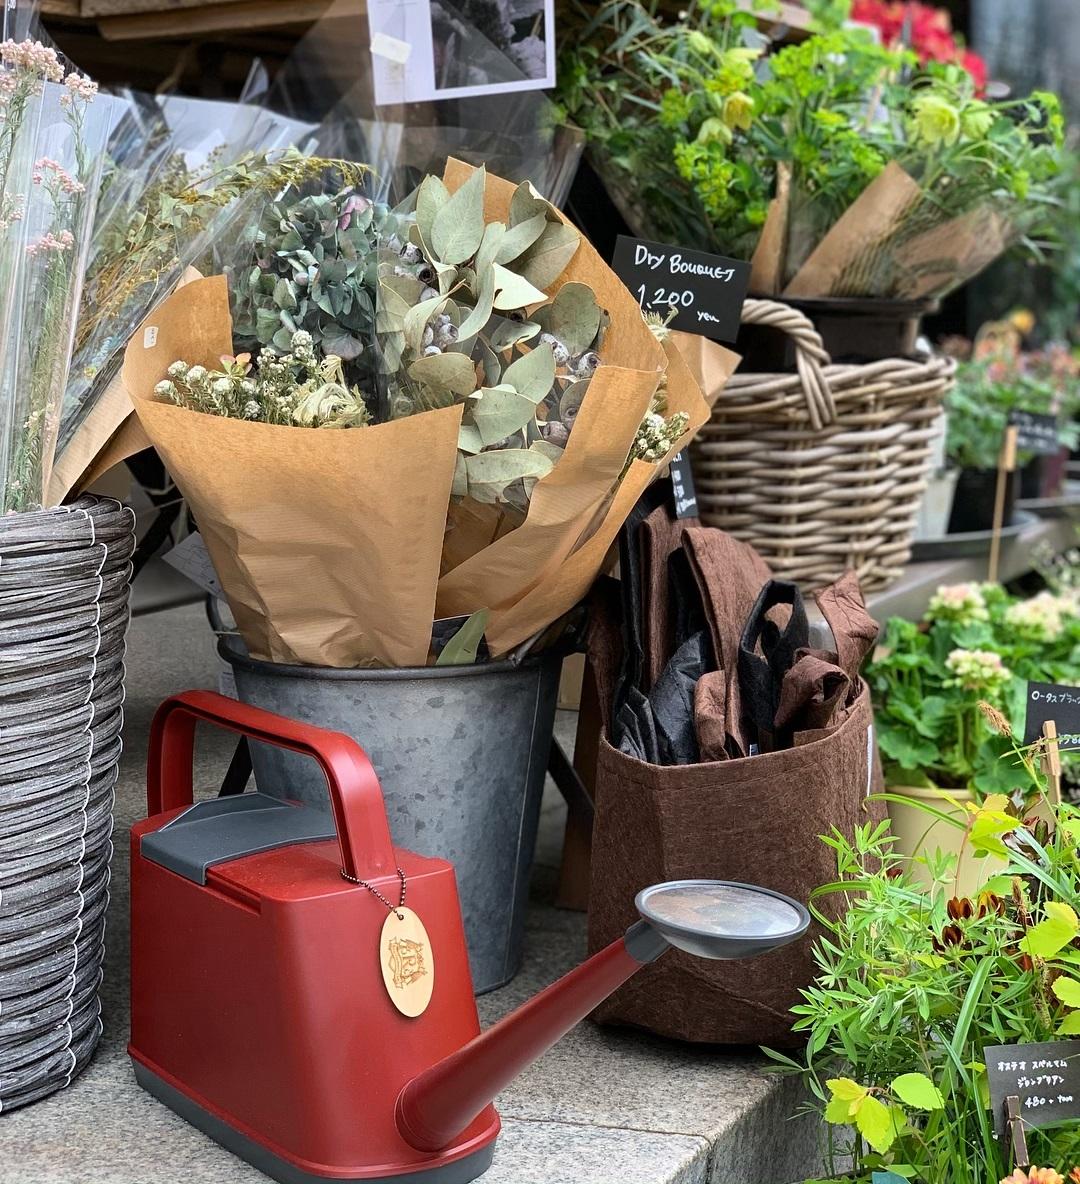 国内外の園芸業者など庭のプロも愛用する高品質の日本製。植物にやさしい、繊細な雨のような自然な水流のジョウロ|Royal Gardeners Club